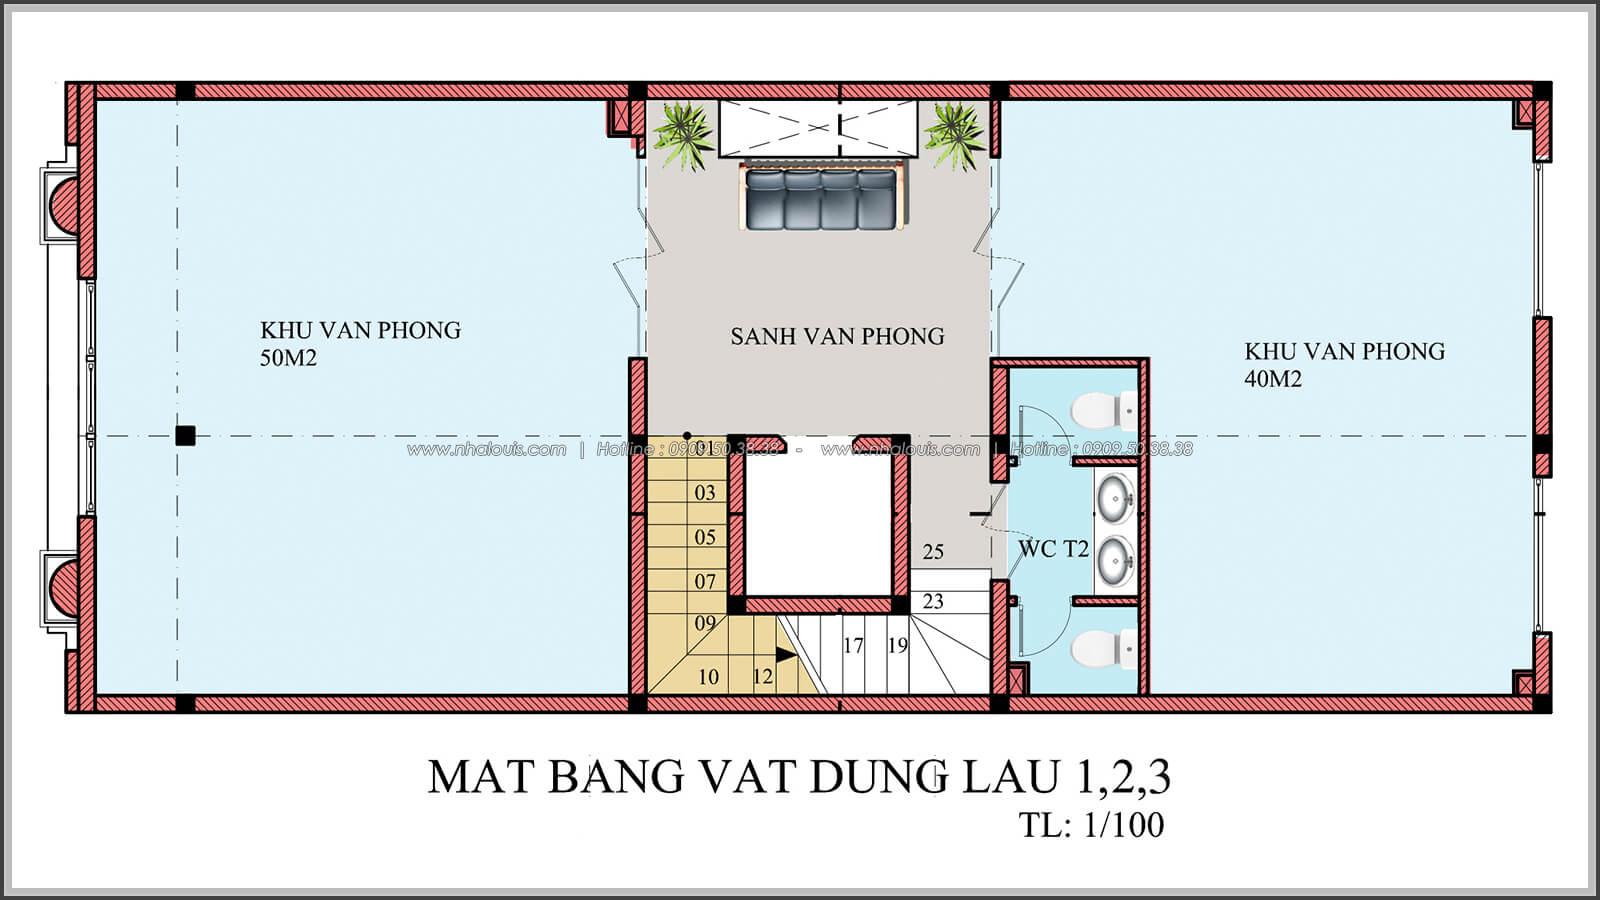 Mặt bằng tầng 1, tầng 2, tầng 3 thiết kế penthouses với nội thất cực chất anh Kim quận Tân Bình - 10